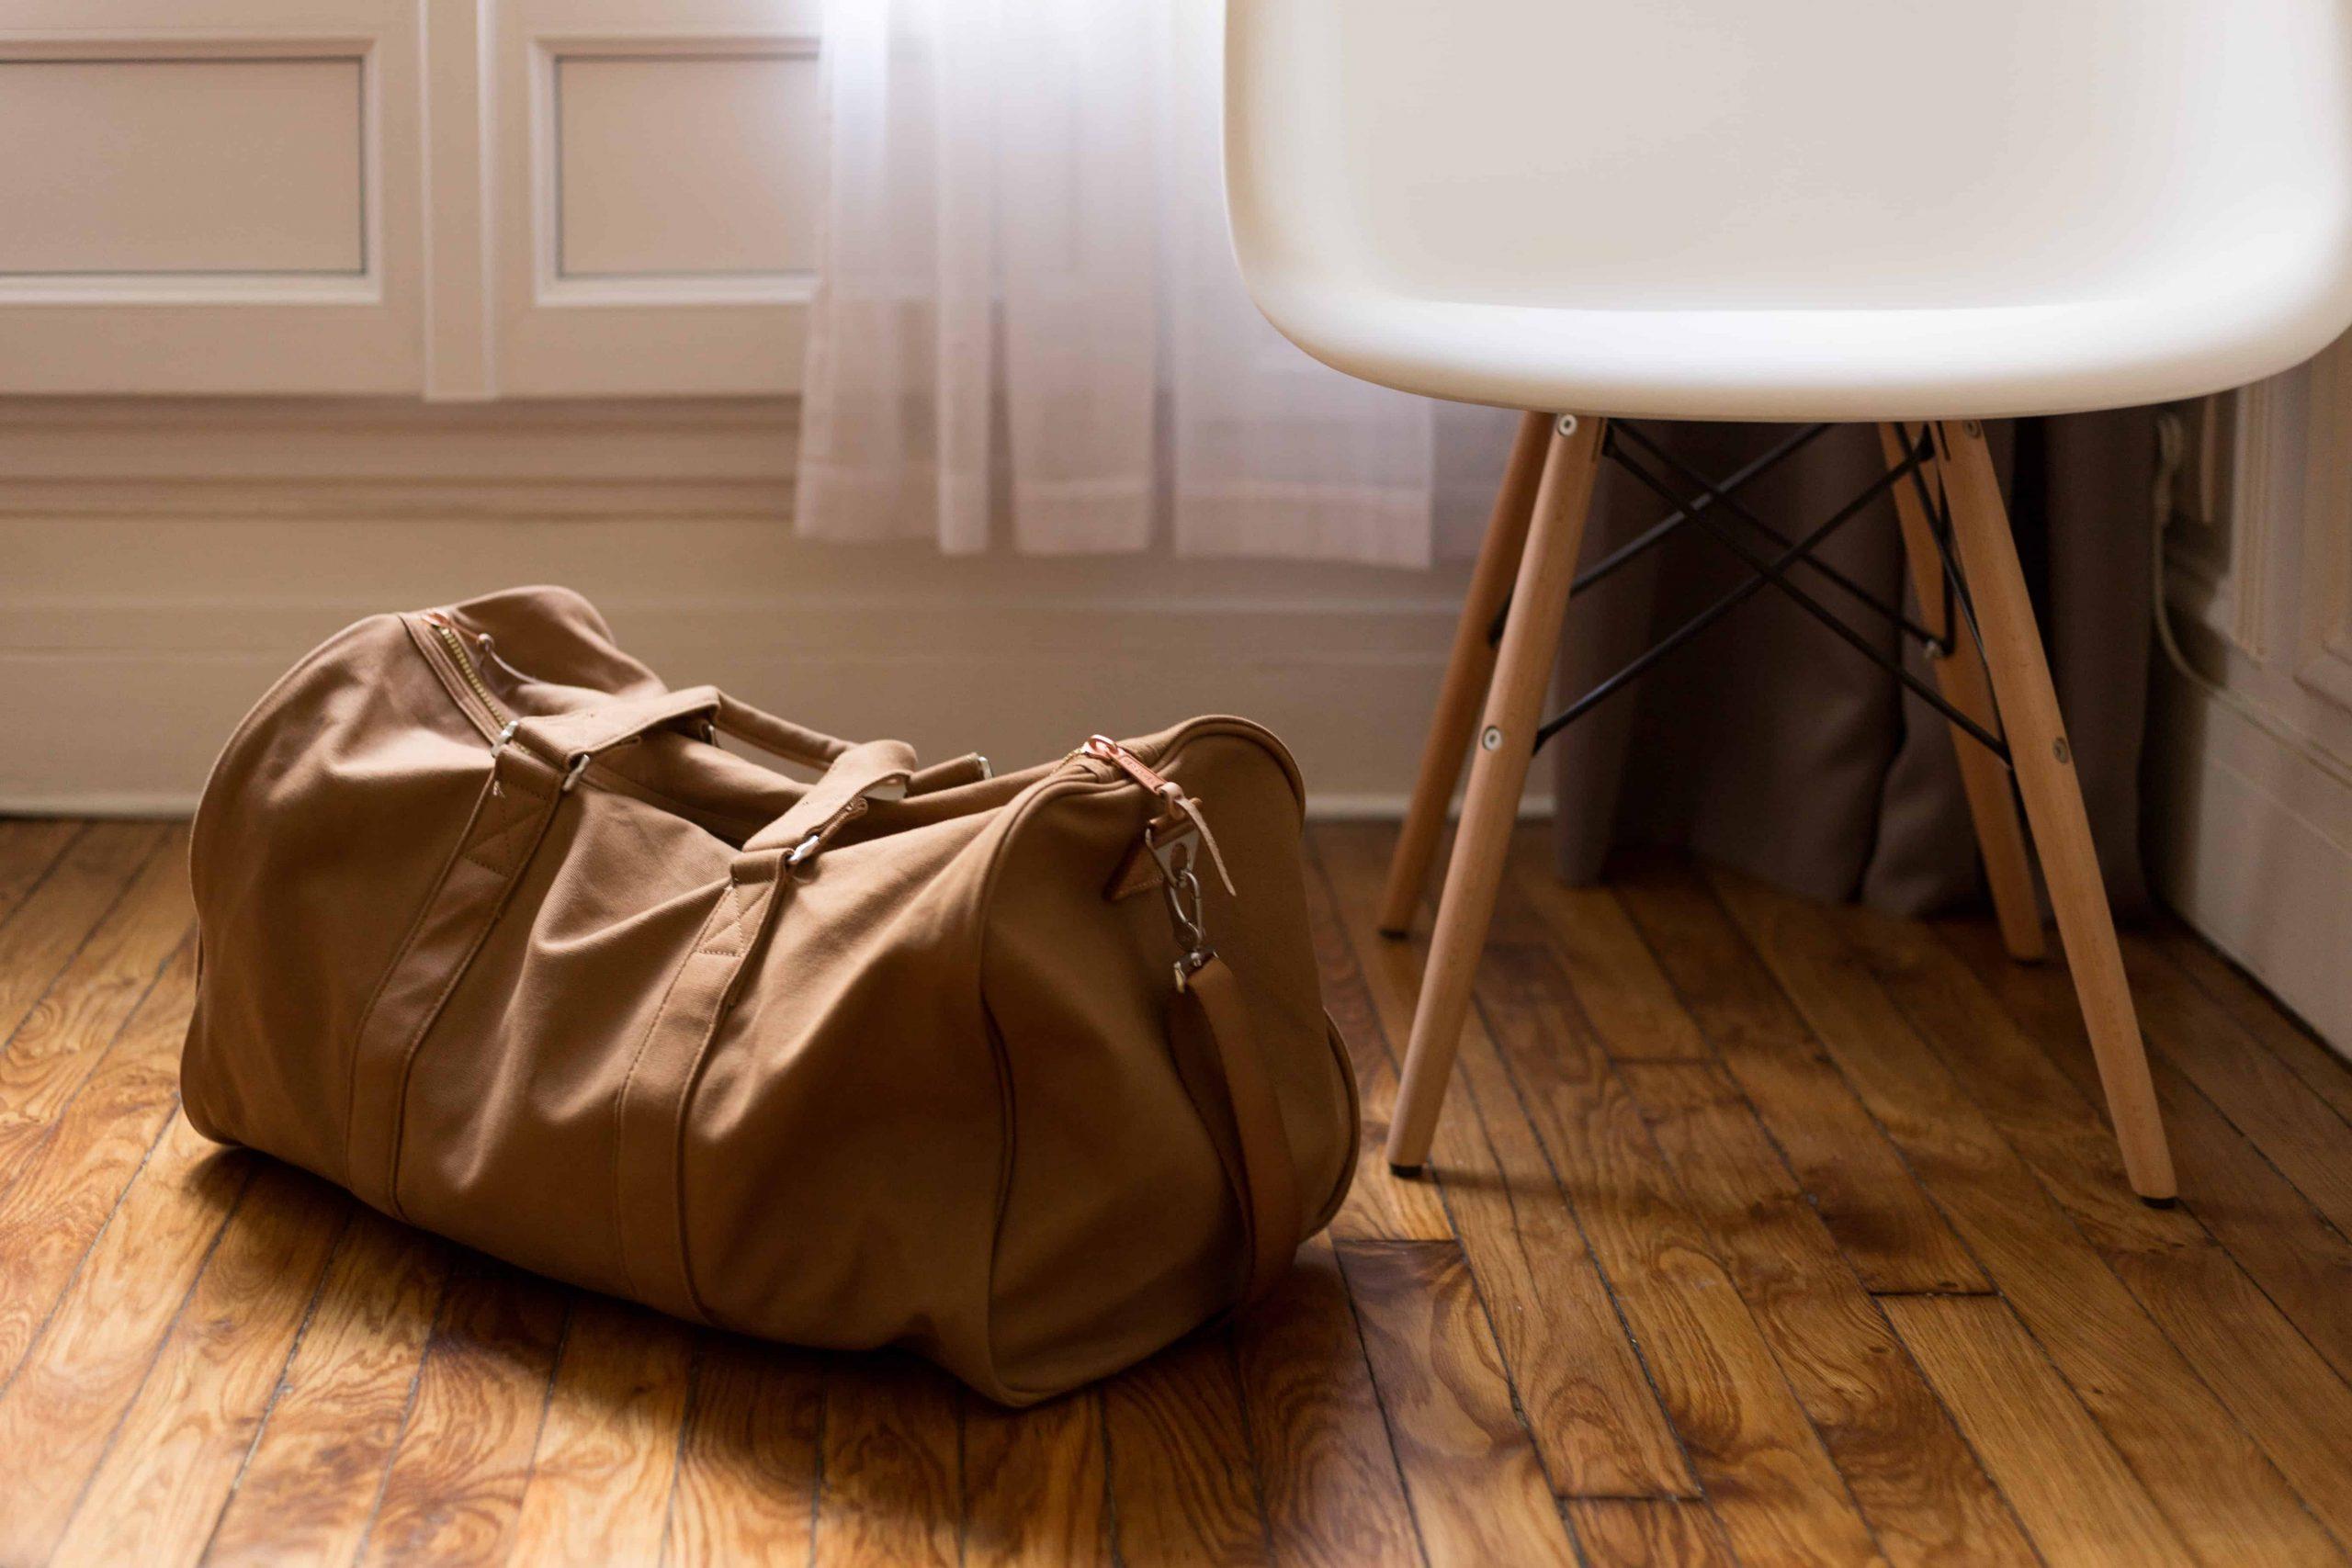 Reisetasche mit Rollen: Test & Empfehlungen (05/21)